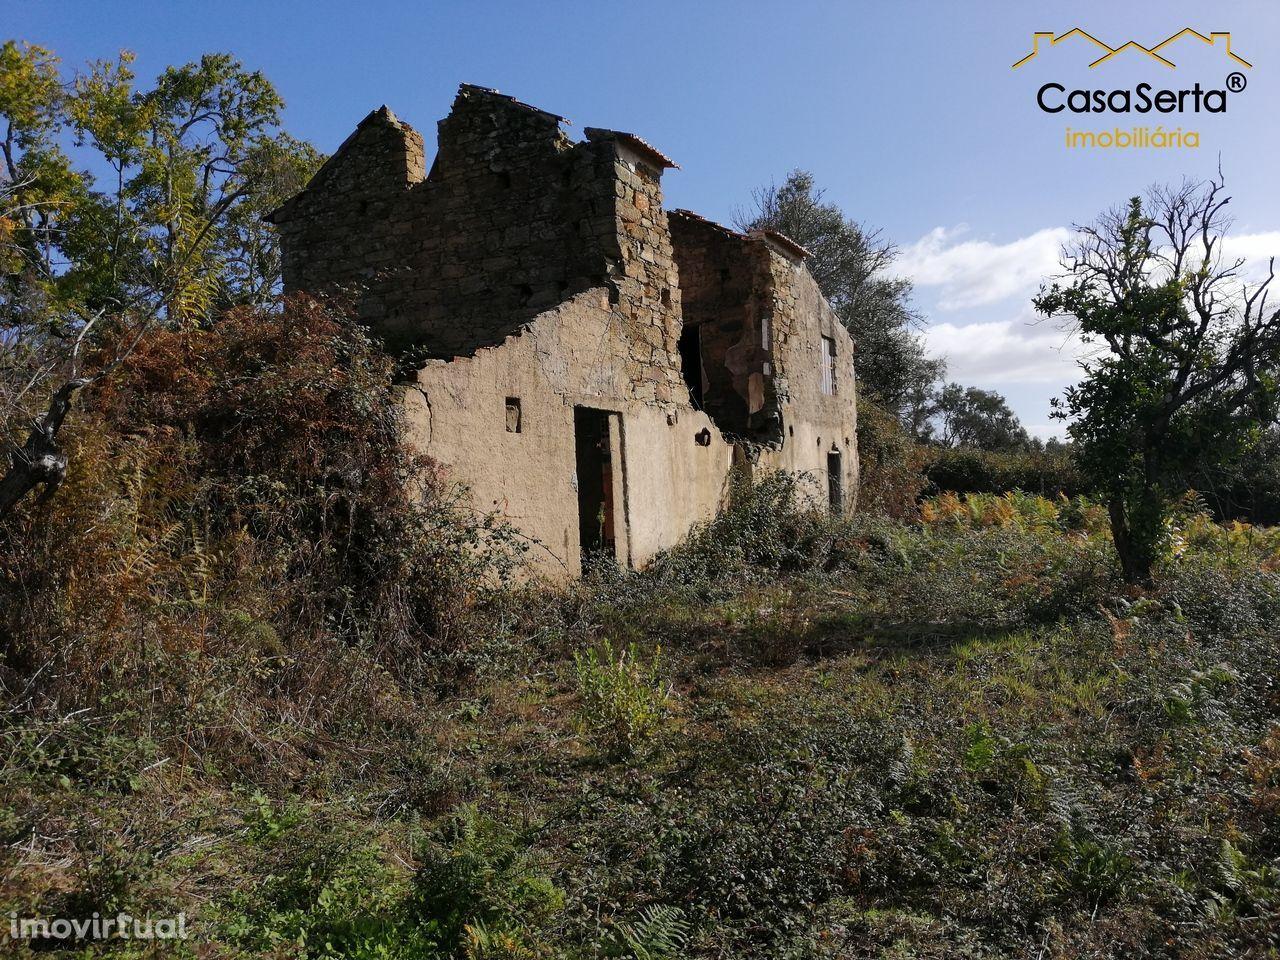 Terreno para comprar, Sertã, Castelo Branco - Foto 1